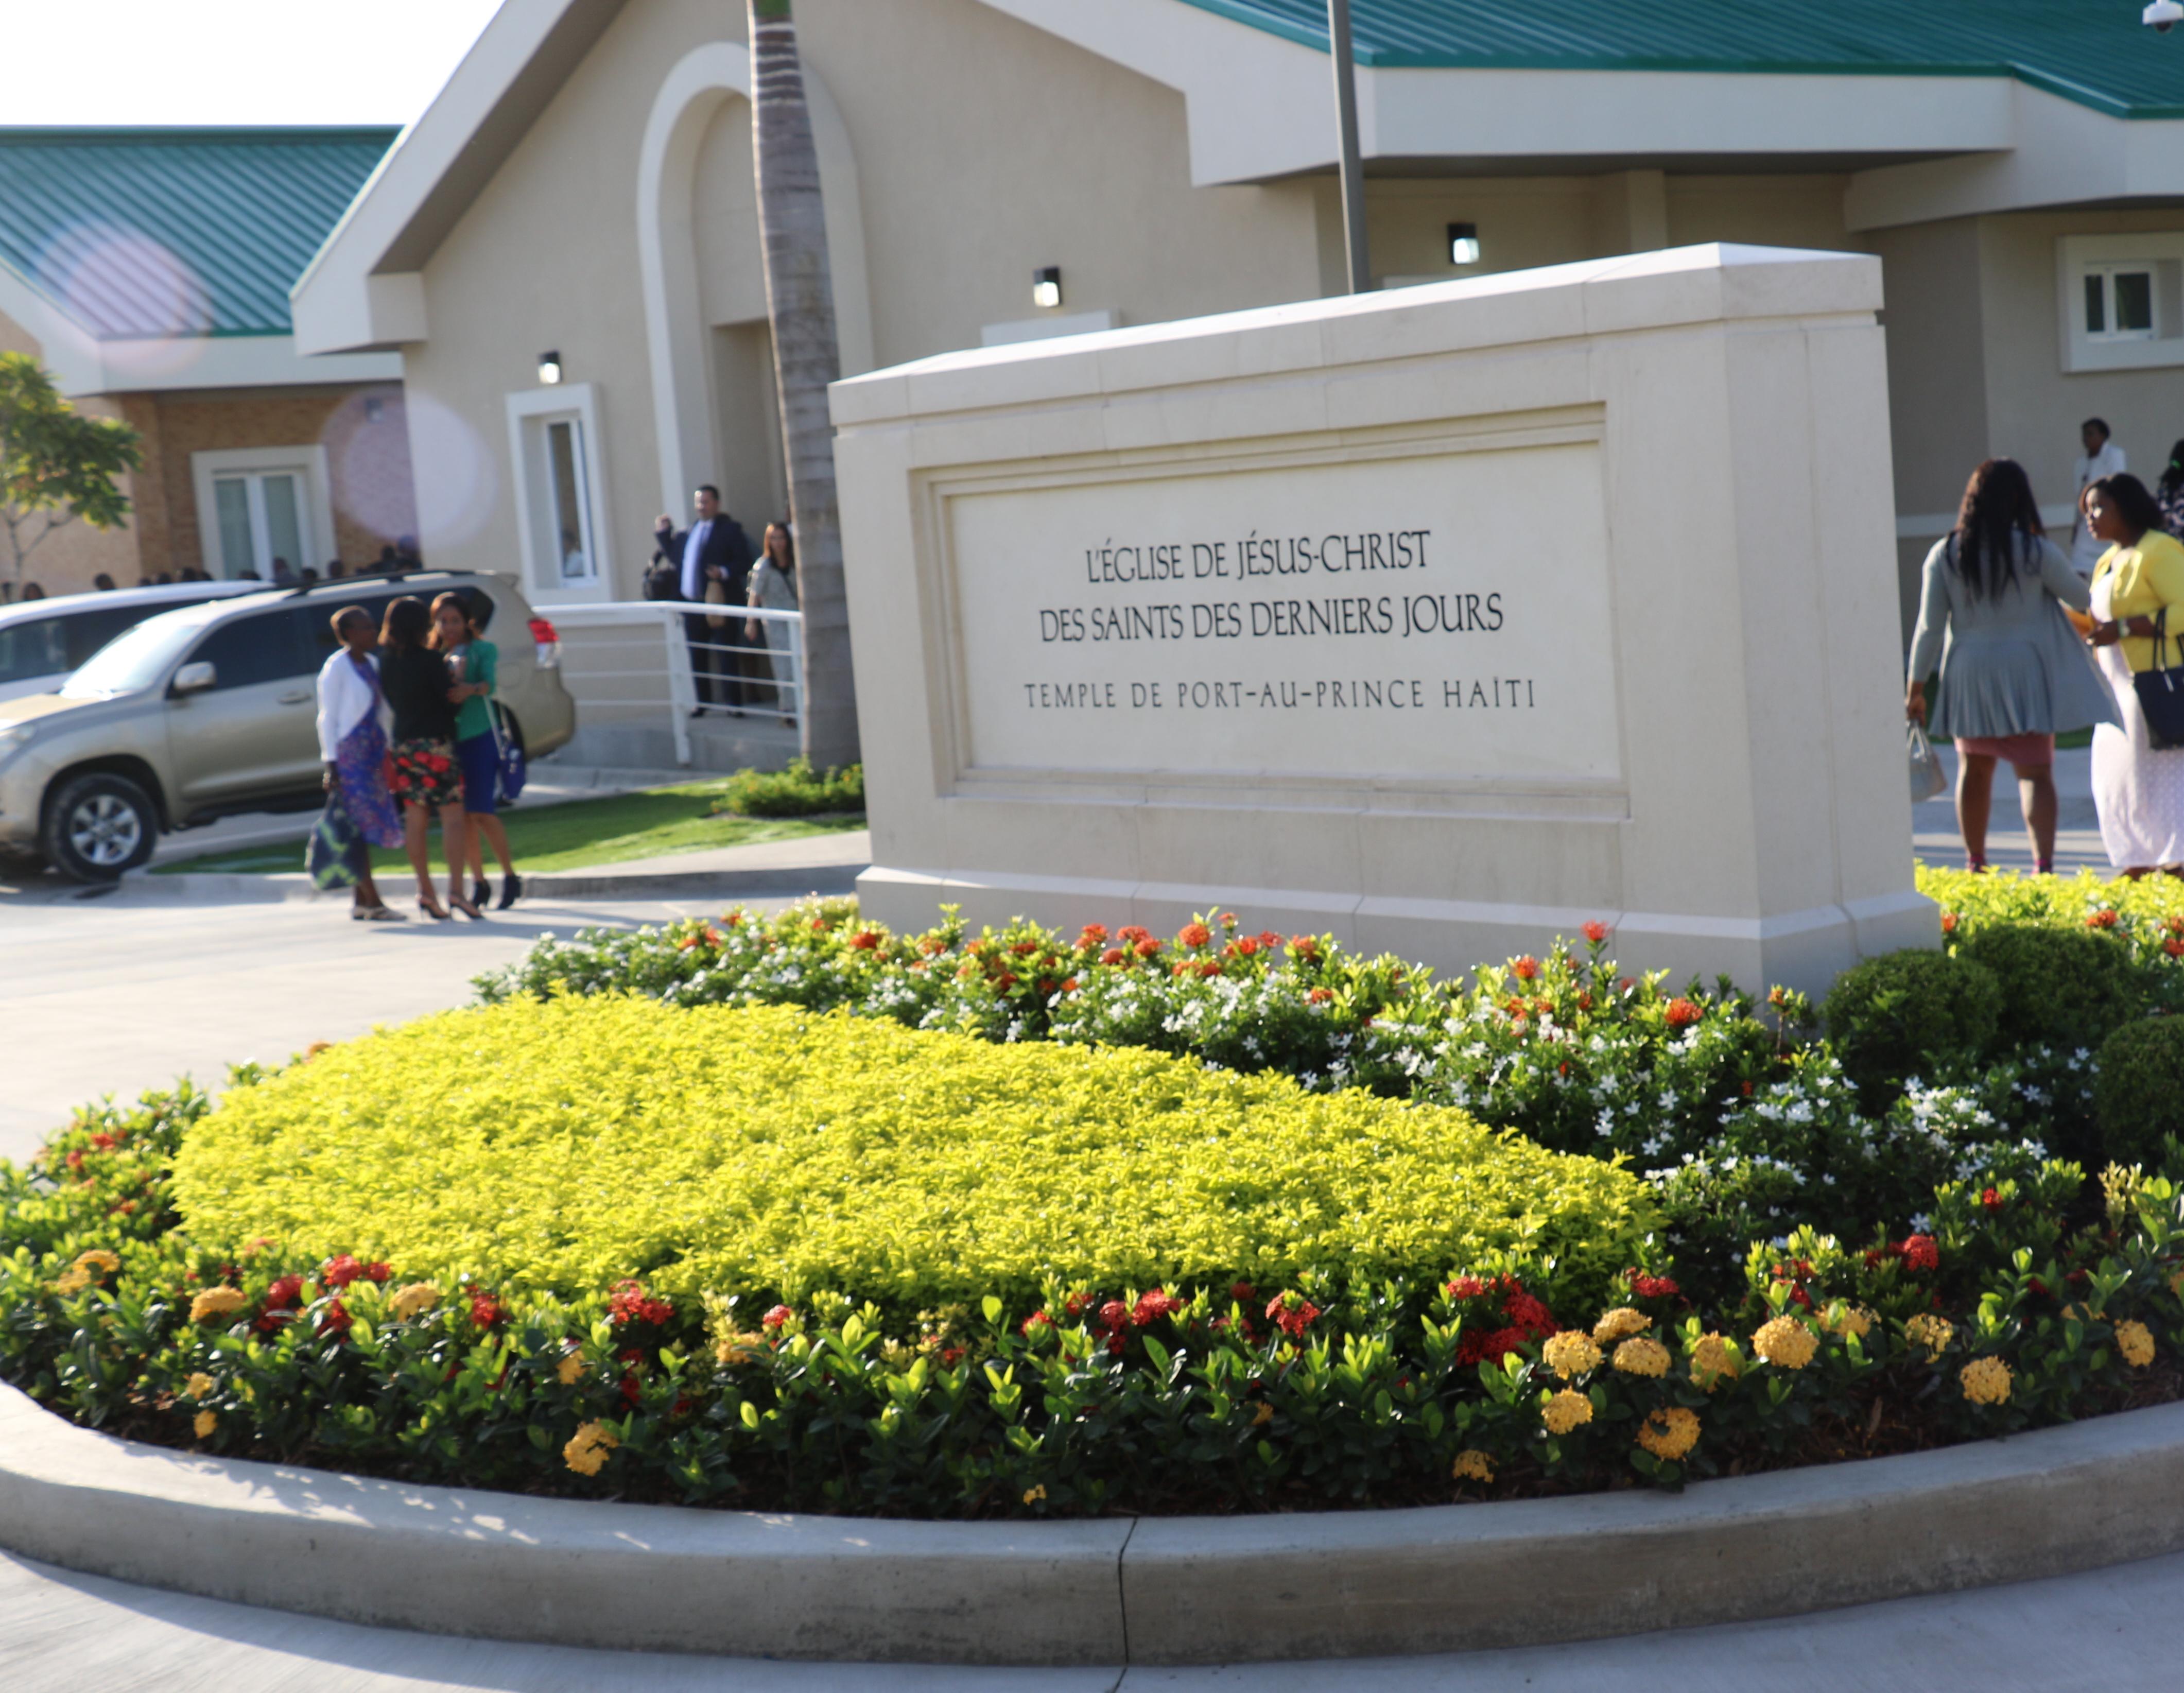 A placa na entrada do Templo de Porto Príncipe Haiti no dia de sua dedicação, 1 de setembro de 2019.